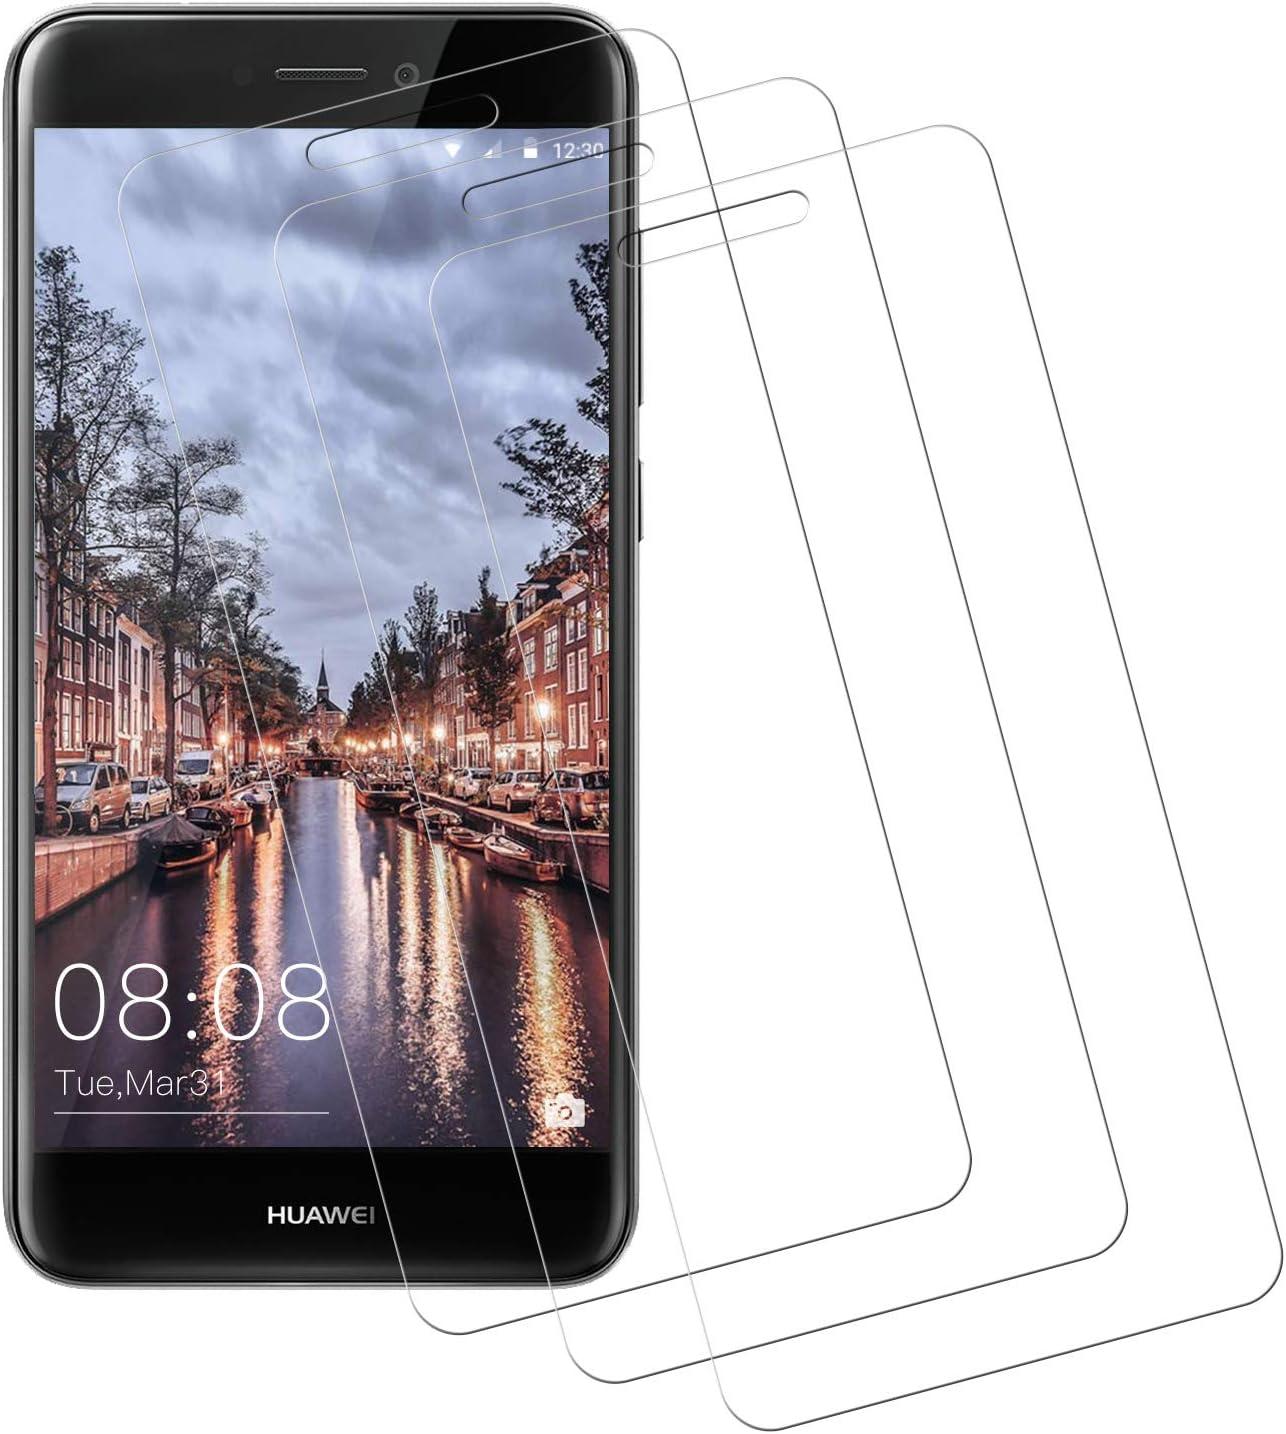 Miuphro Cristal Templado Compatible con Huawei P8 Lite 2017, [3 Piezas] Protector de Huawei P8 Lite 2017, Vidrio Templado con [Alta Definicion] [Anti-Scratch] [9H Dureza]